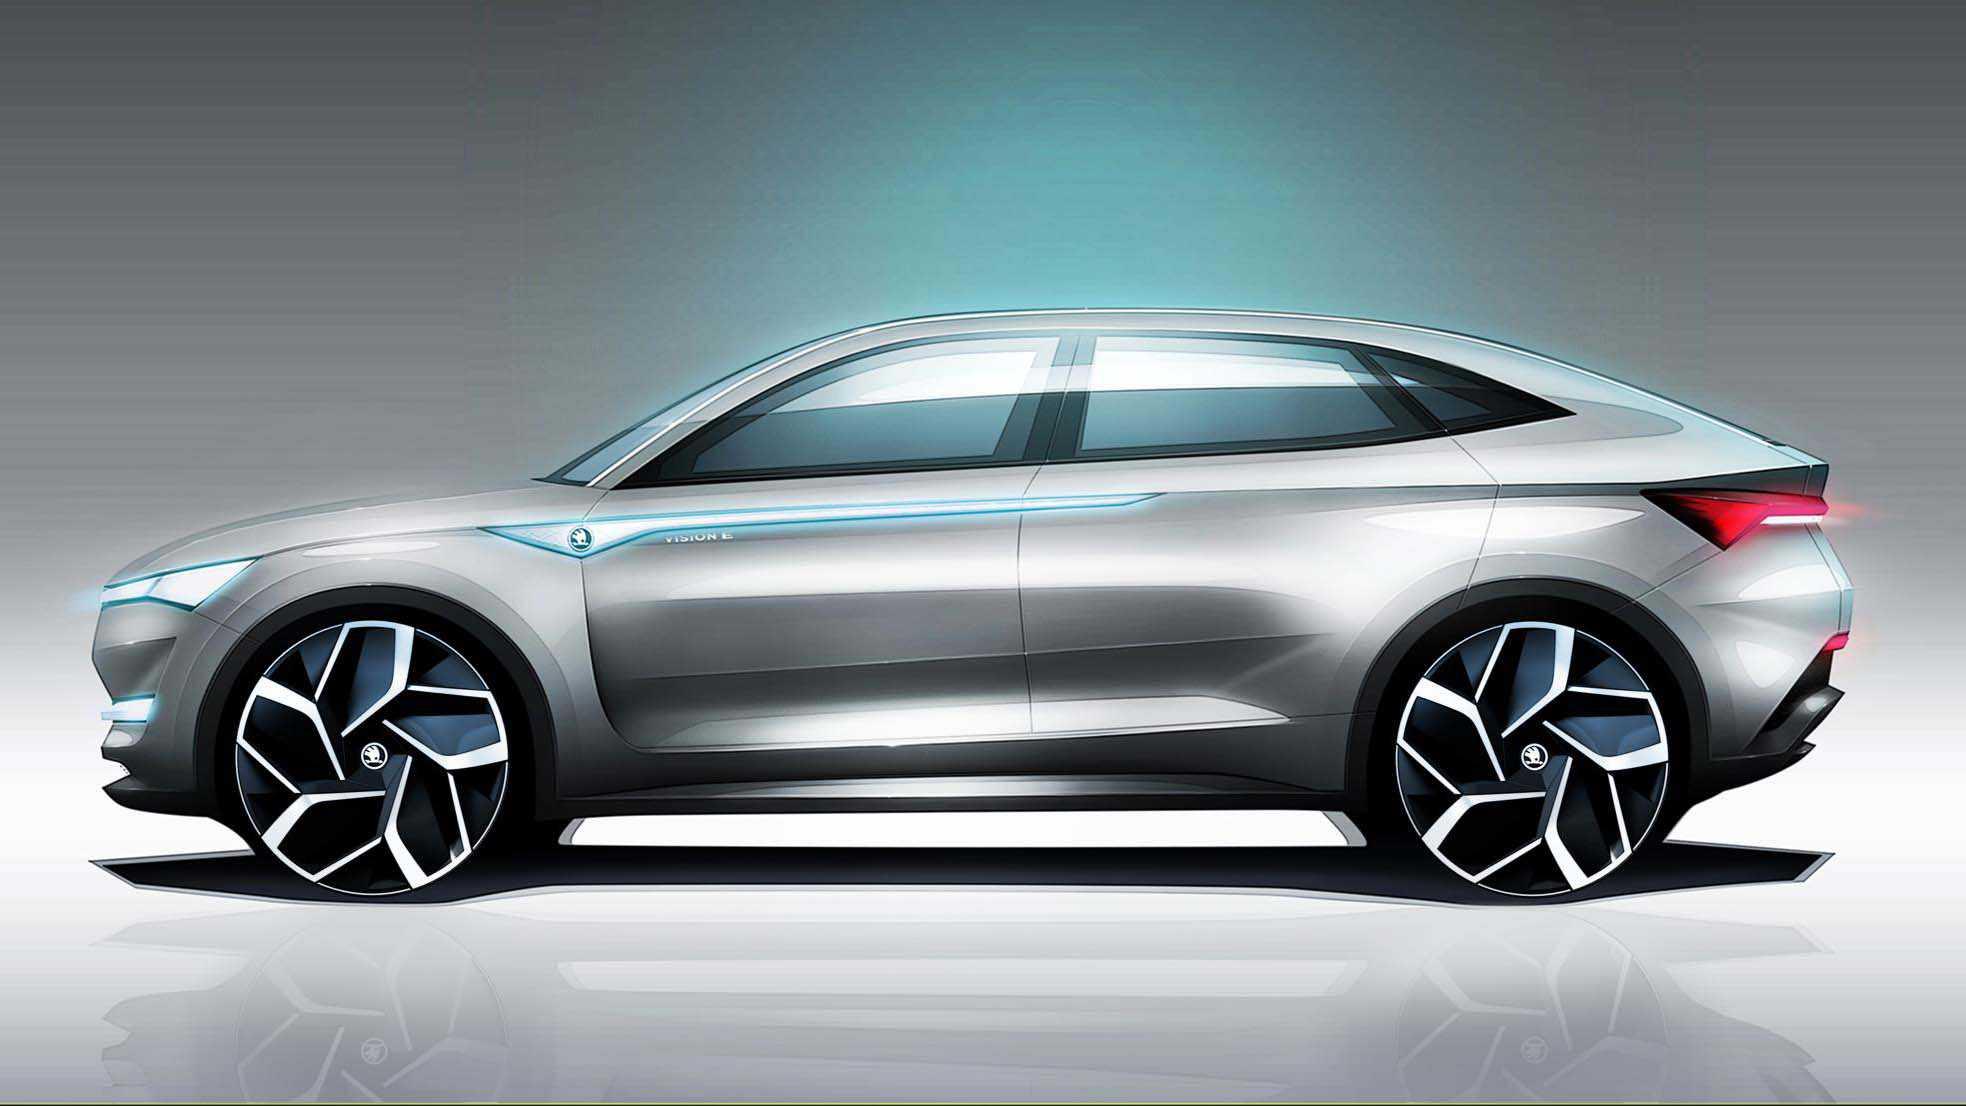 VISION E סקודה - העתיד החשמלי של היצרן בתוך רכב תצוגה בצורת קופה/פנאי עם קריצה למותגי הפרימיום הגרמניים. צילום: סקודה